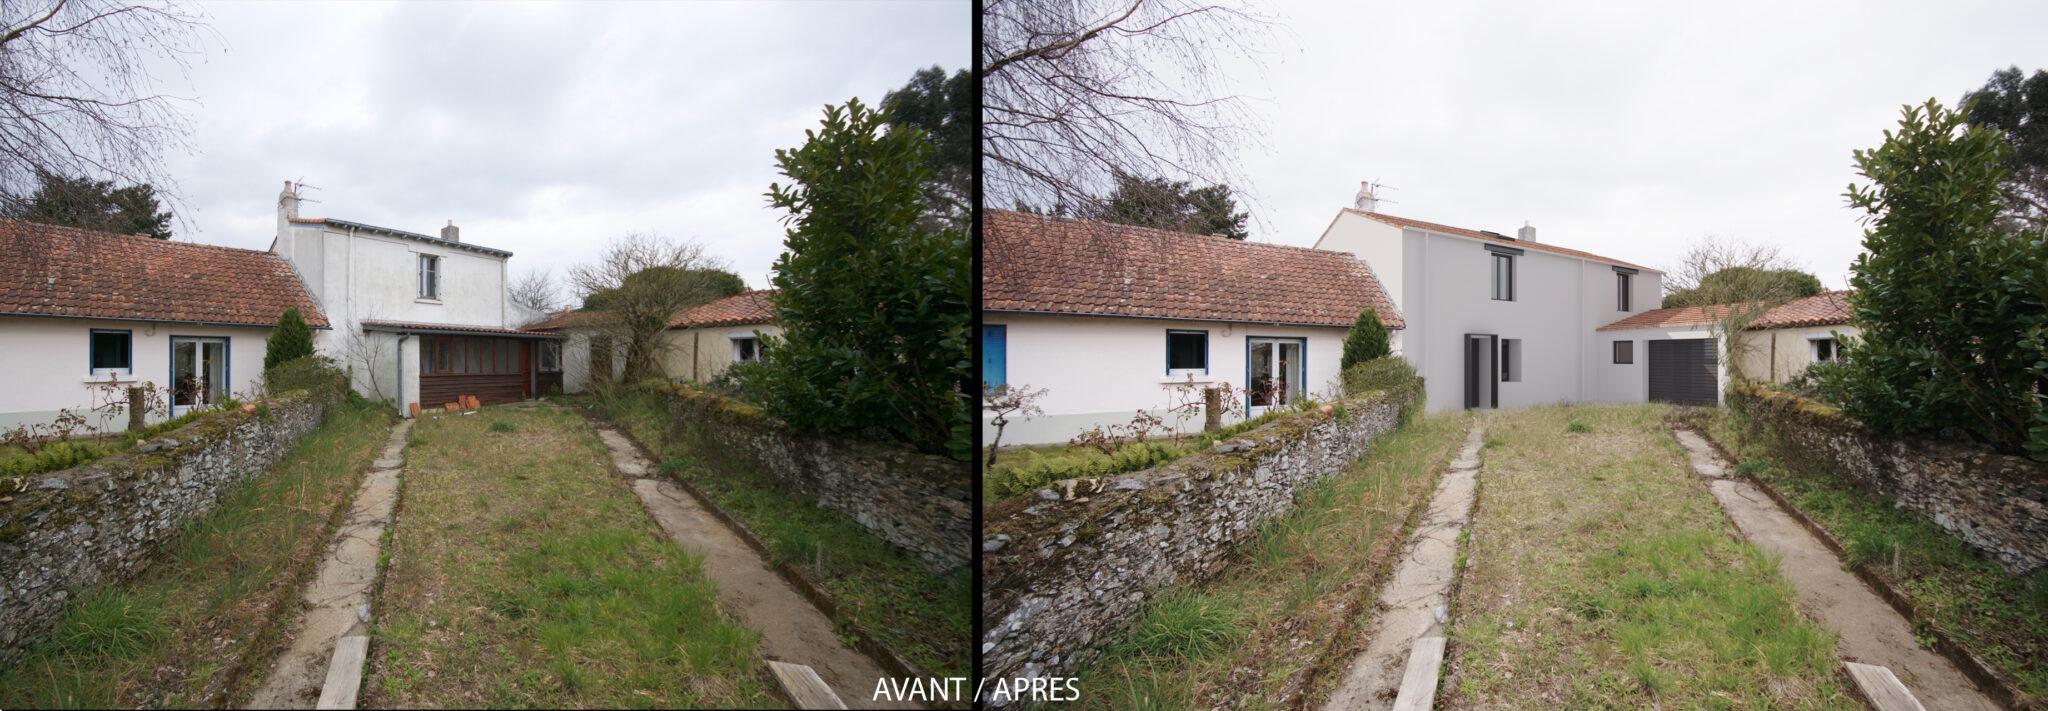 Rénovation et extension maison individuelle Saint Sébastien sur Loire avant apres - Rénovation et extension d'une maison individuelle à Saint Sébastien sur Loire (44)